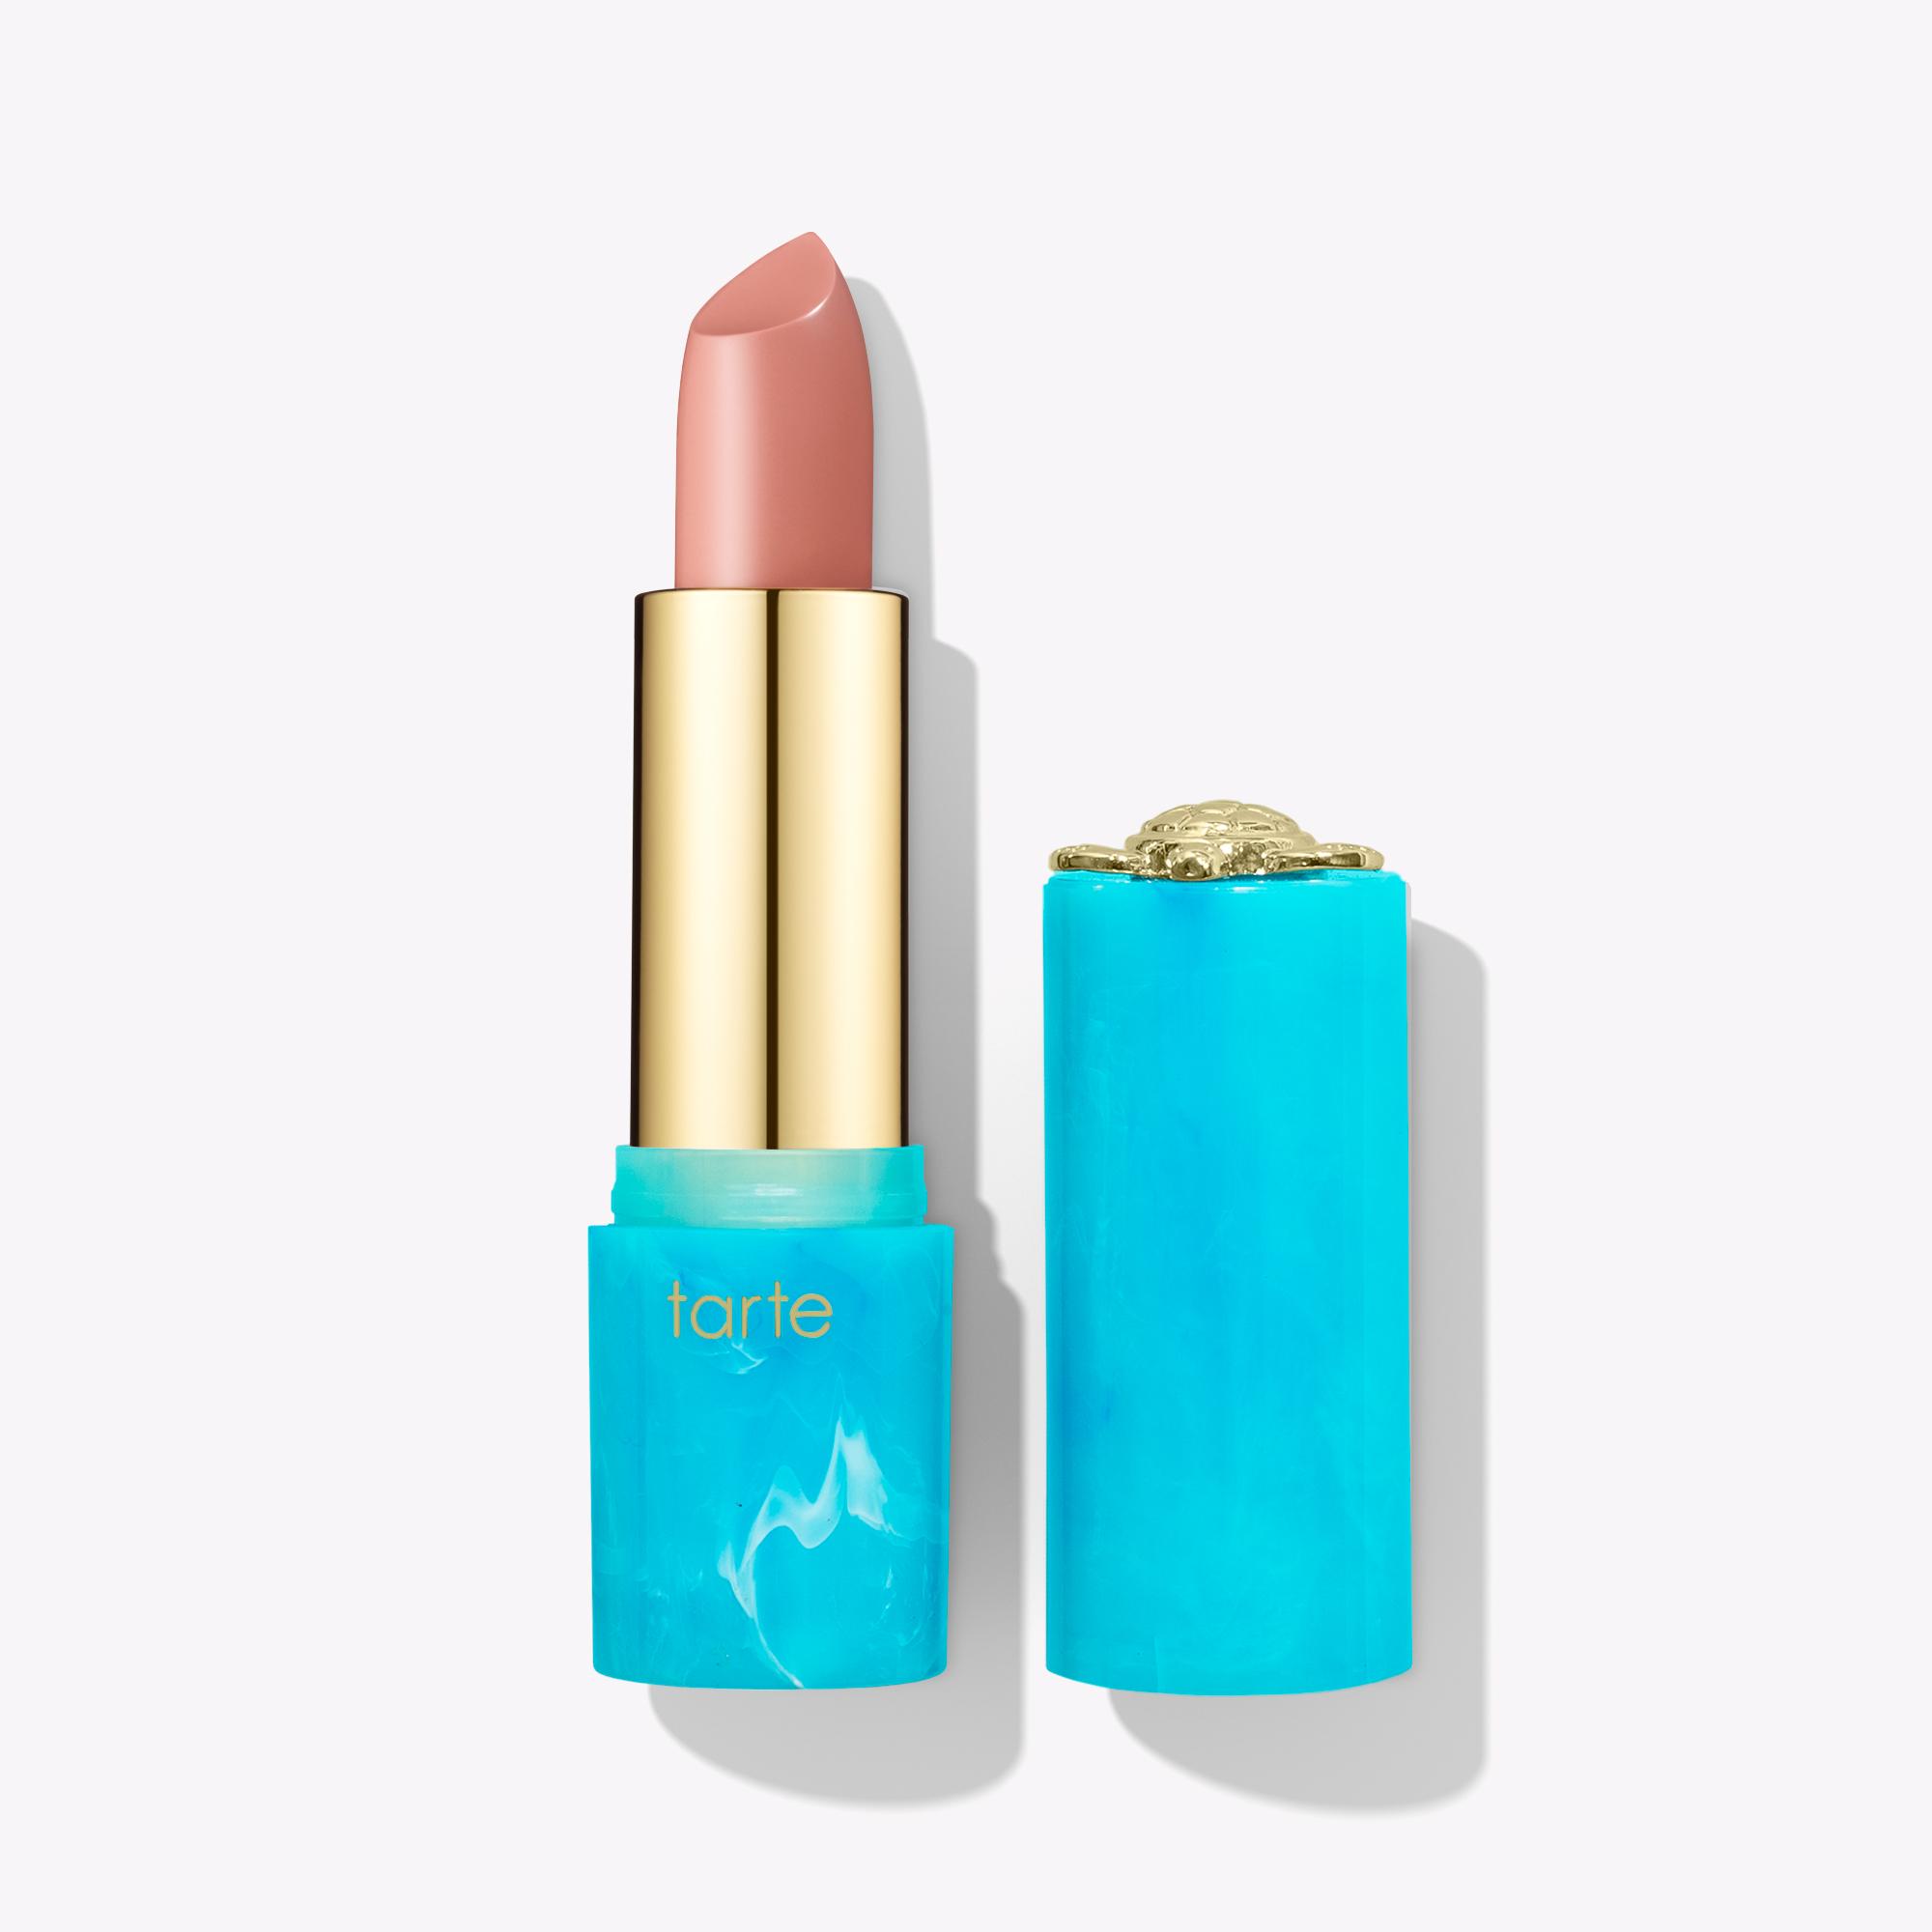 Limited Edition Color Splash Lipstick In Pink Sands